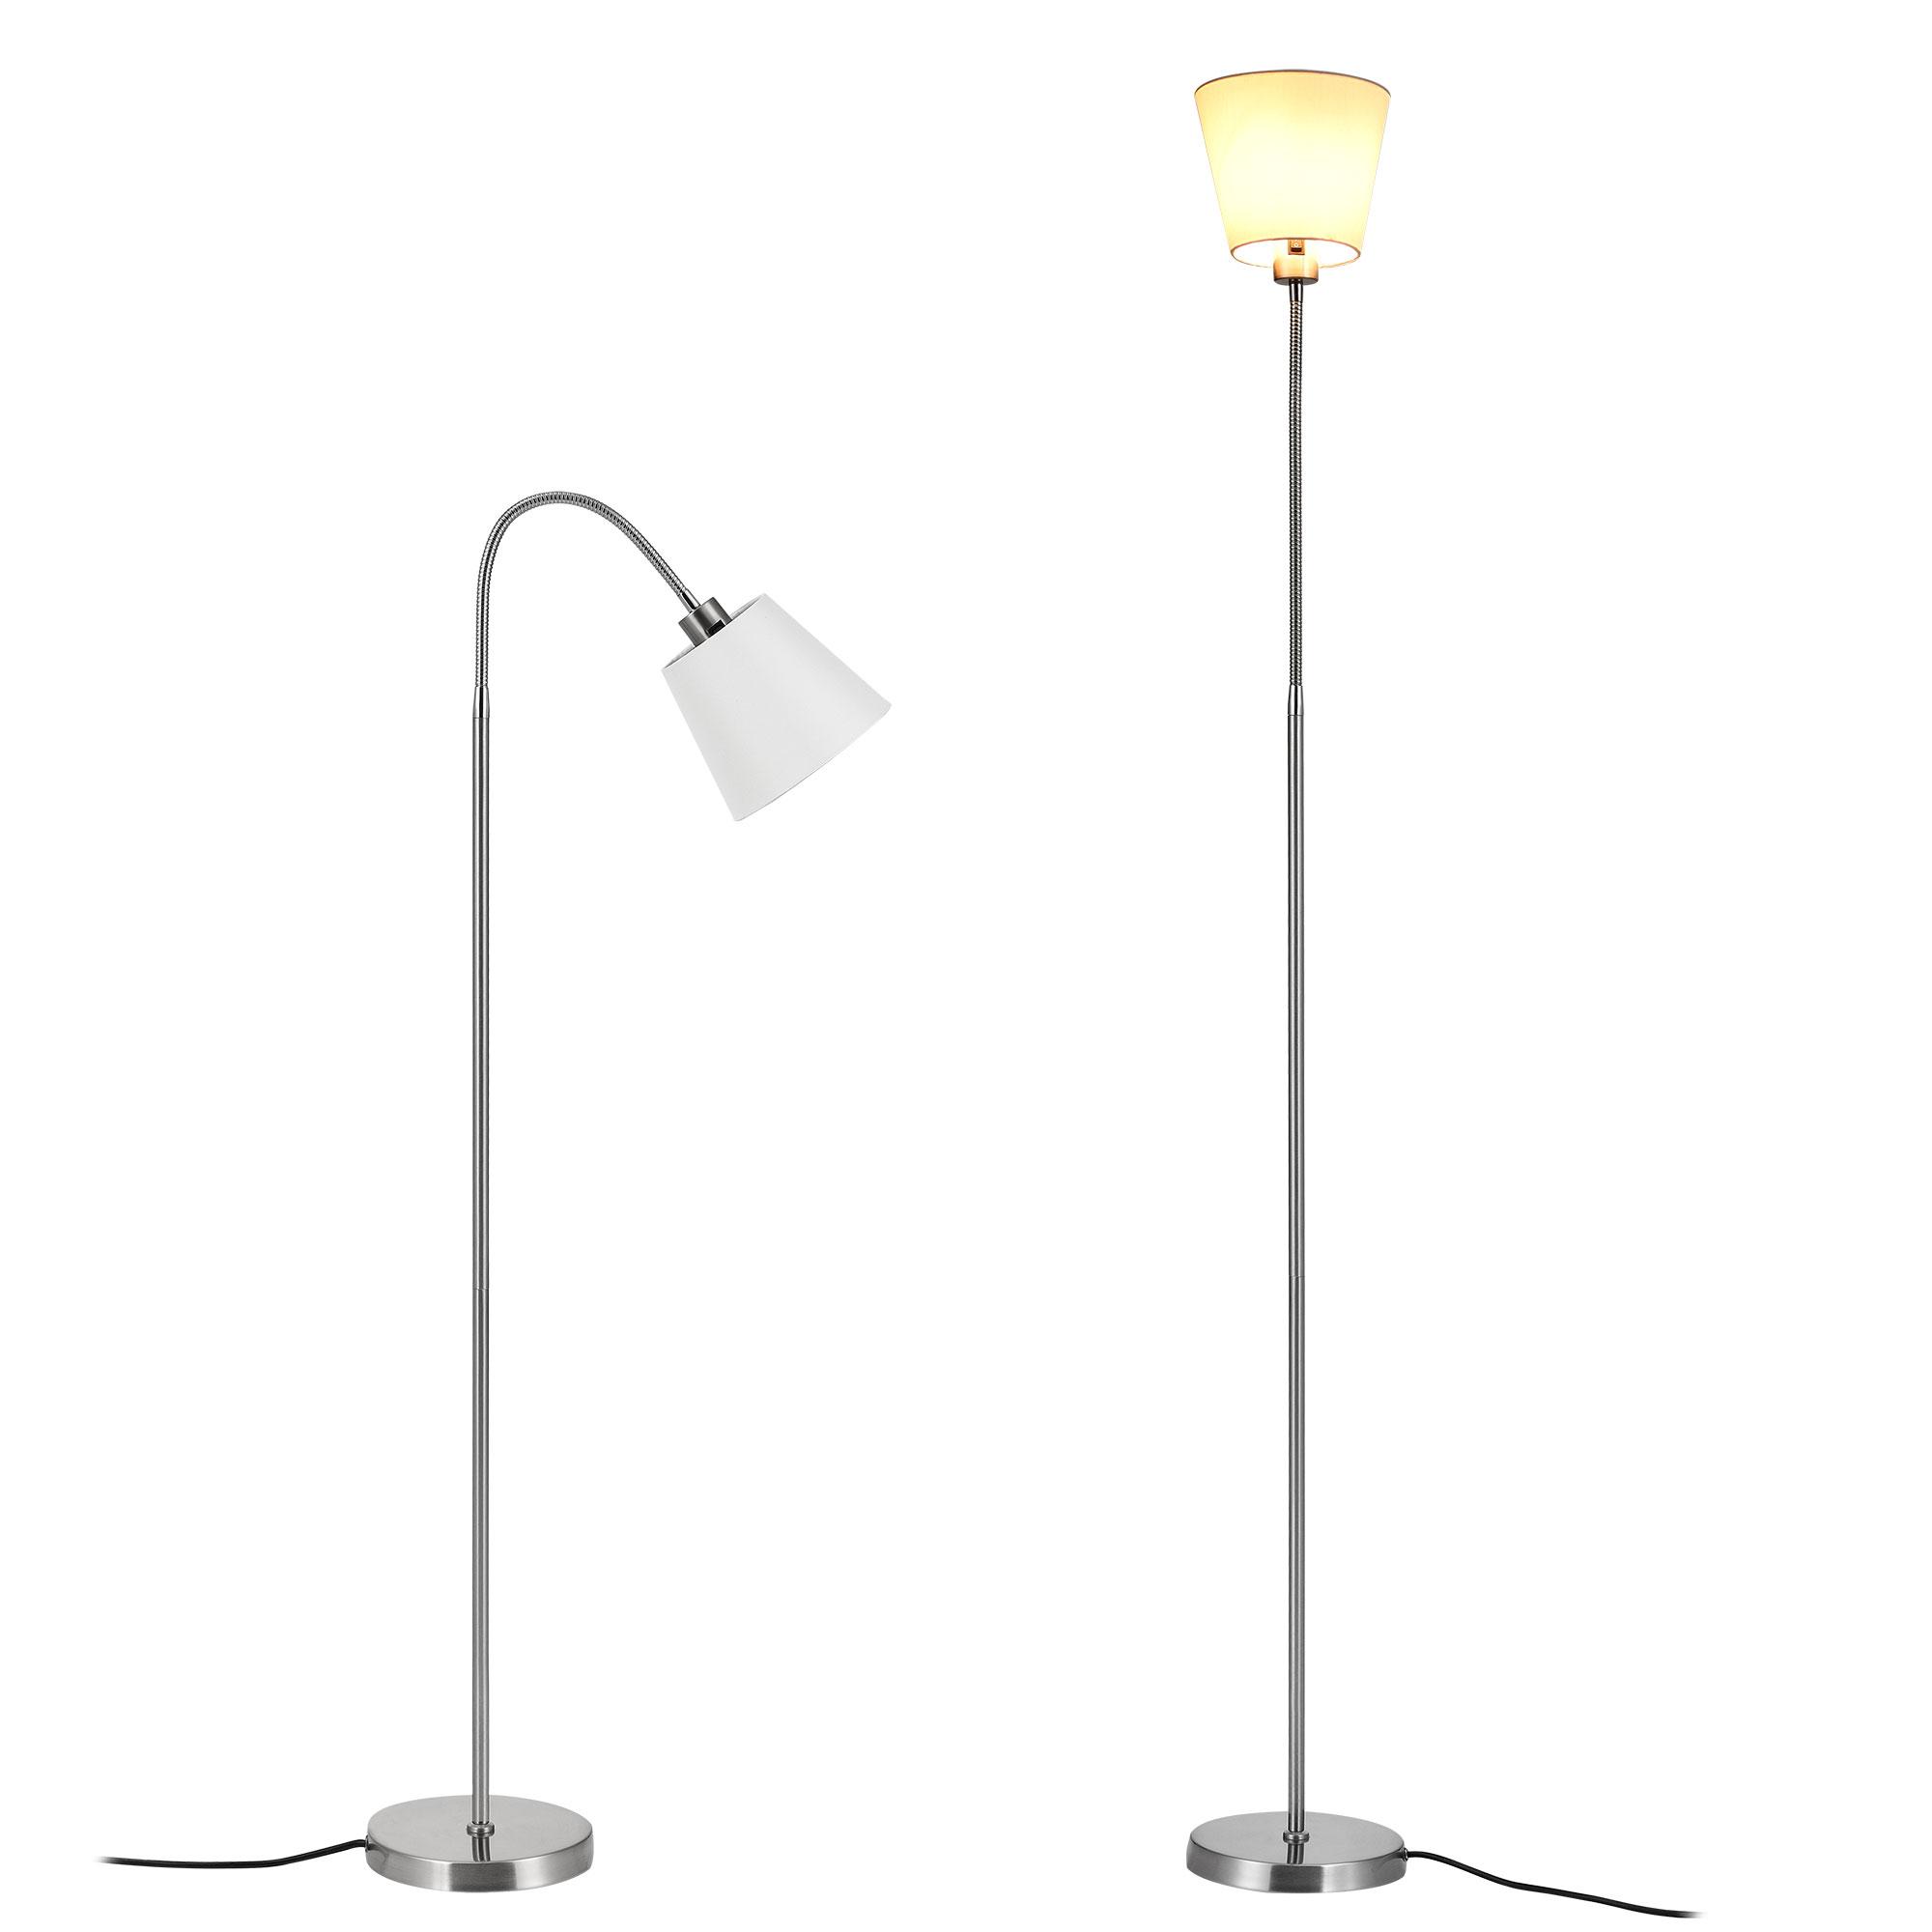 [lux.pro]® Lampa de podea eleganta – Whippy 1 x E 27 – 60W – alb/ crom